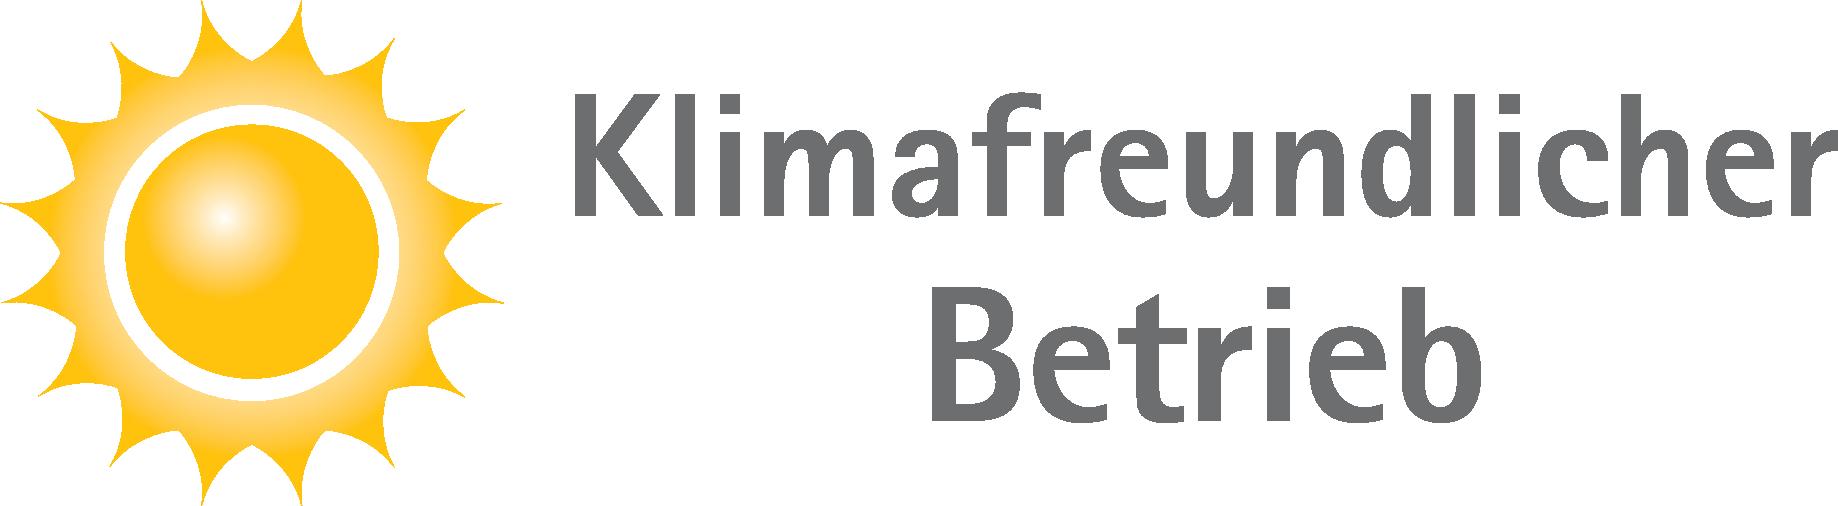 Klimafreundlicher Betrieb - Titel